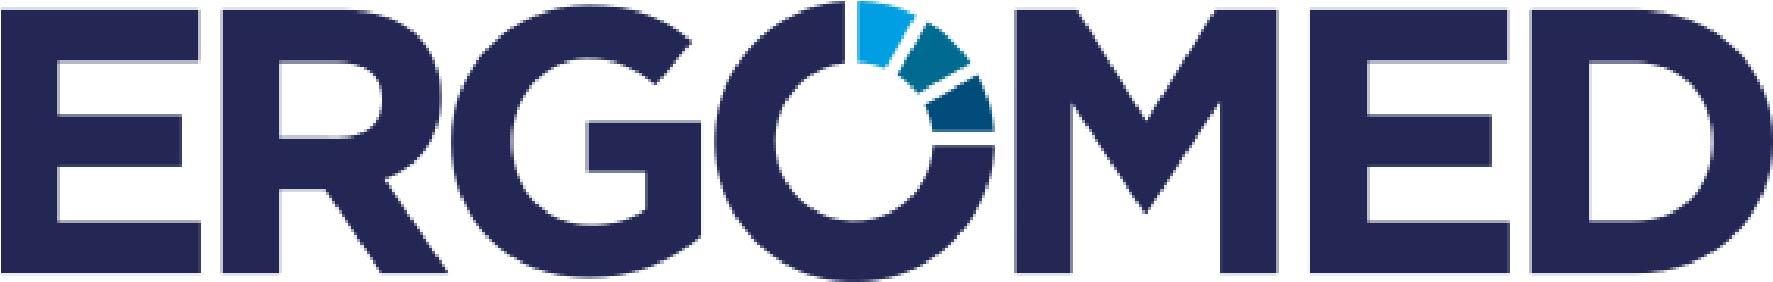 ergomed_logo.jpg